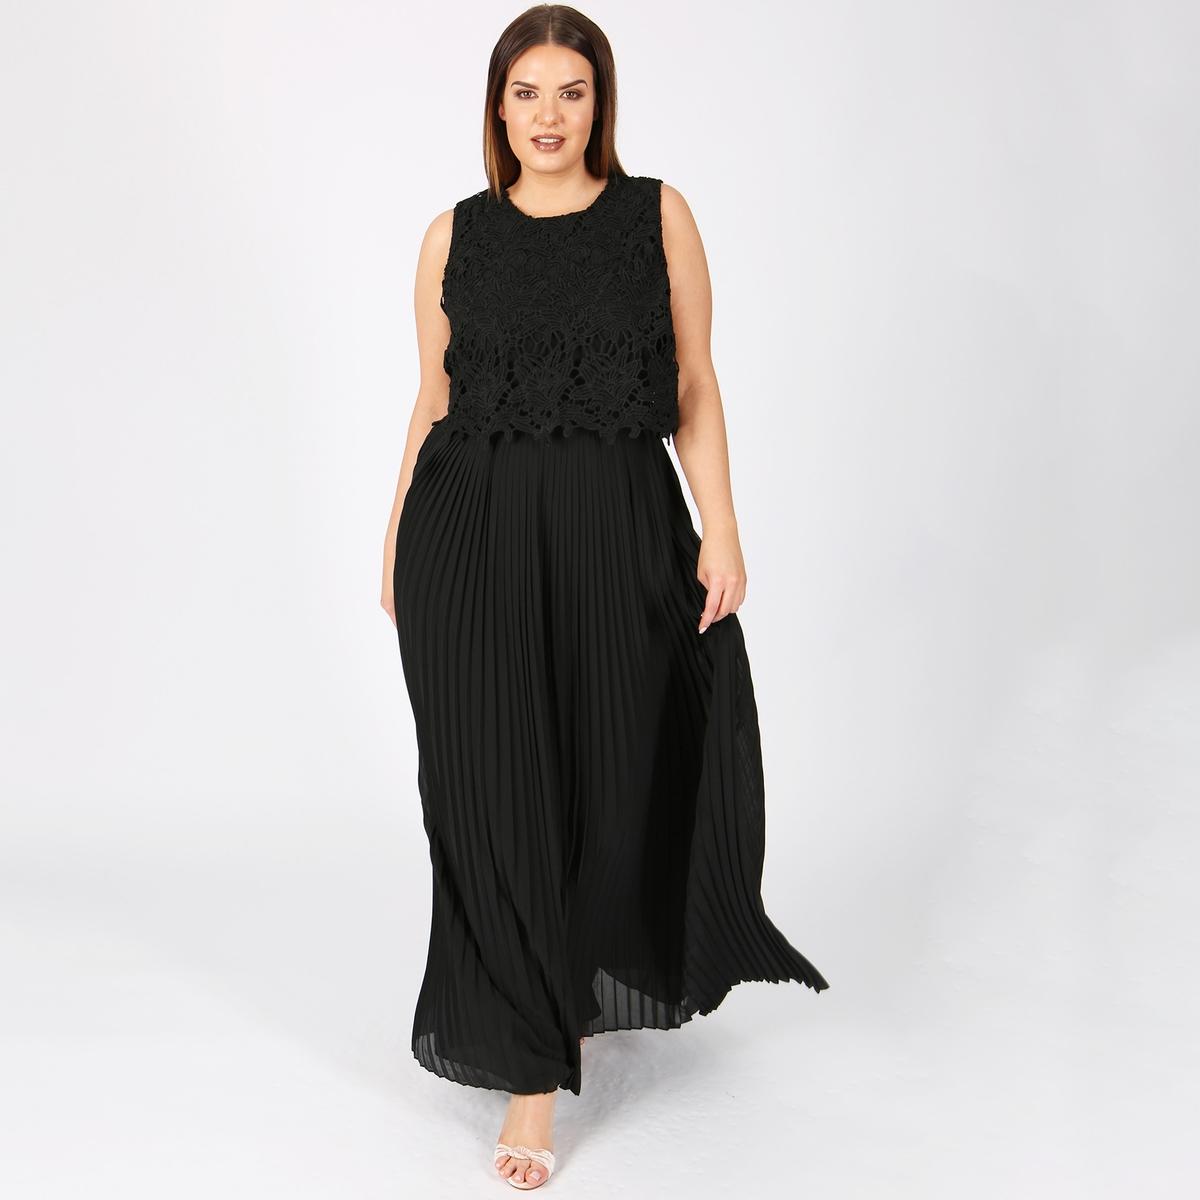 Платье длинное расклешенное с рисунком платье длинное с рисунком пейсли